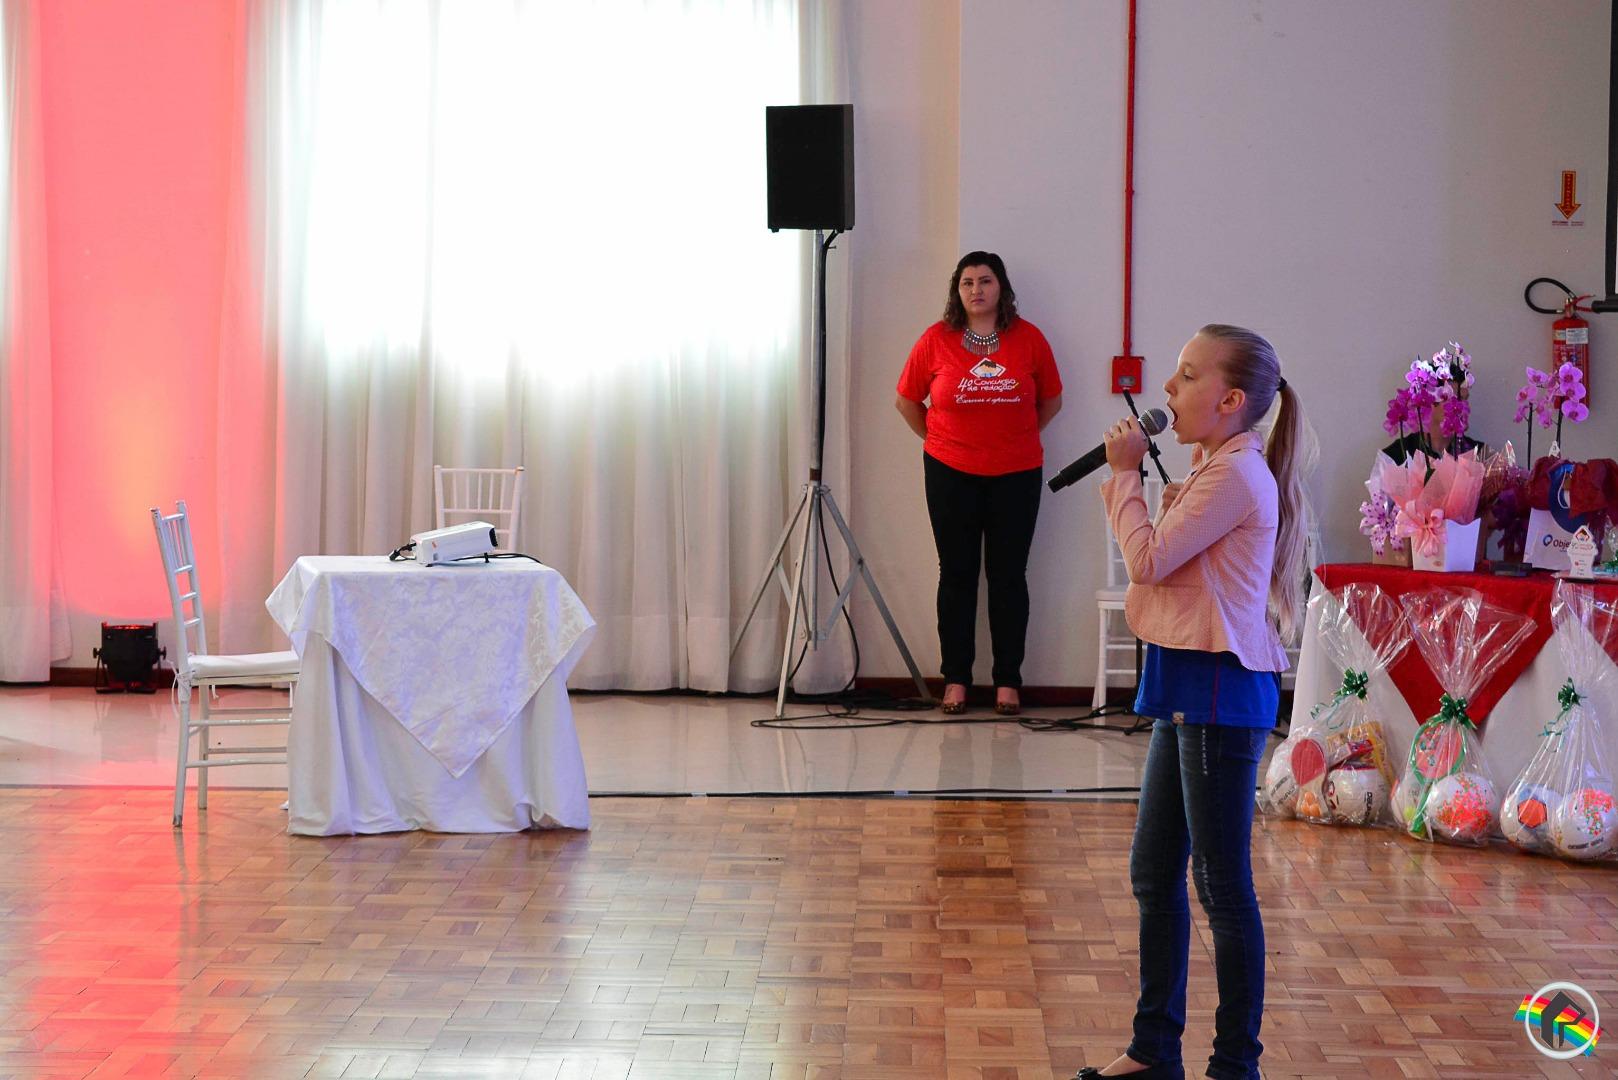 VÍDEO: Habiteto realiza quarta edição de concurso de redação